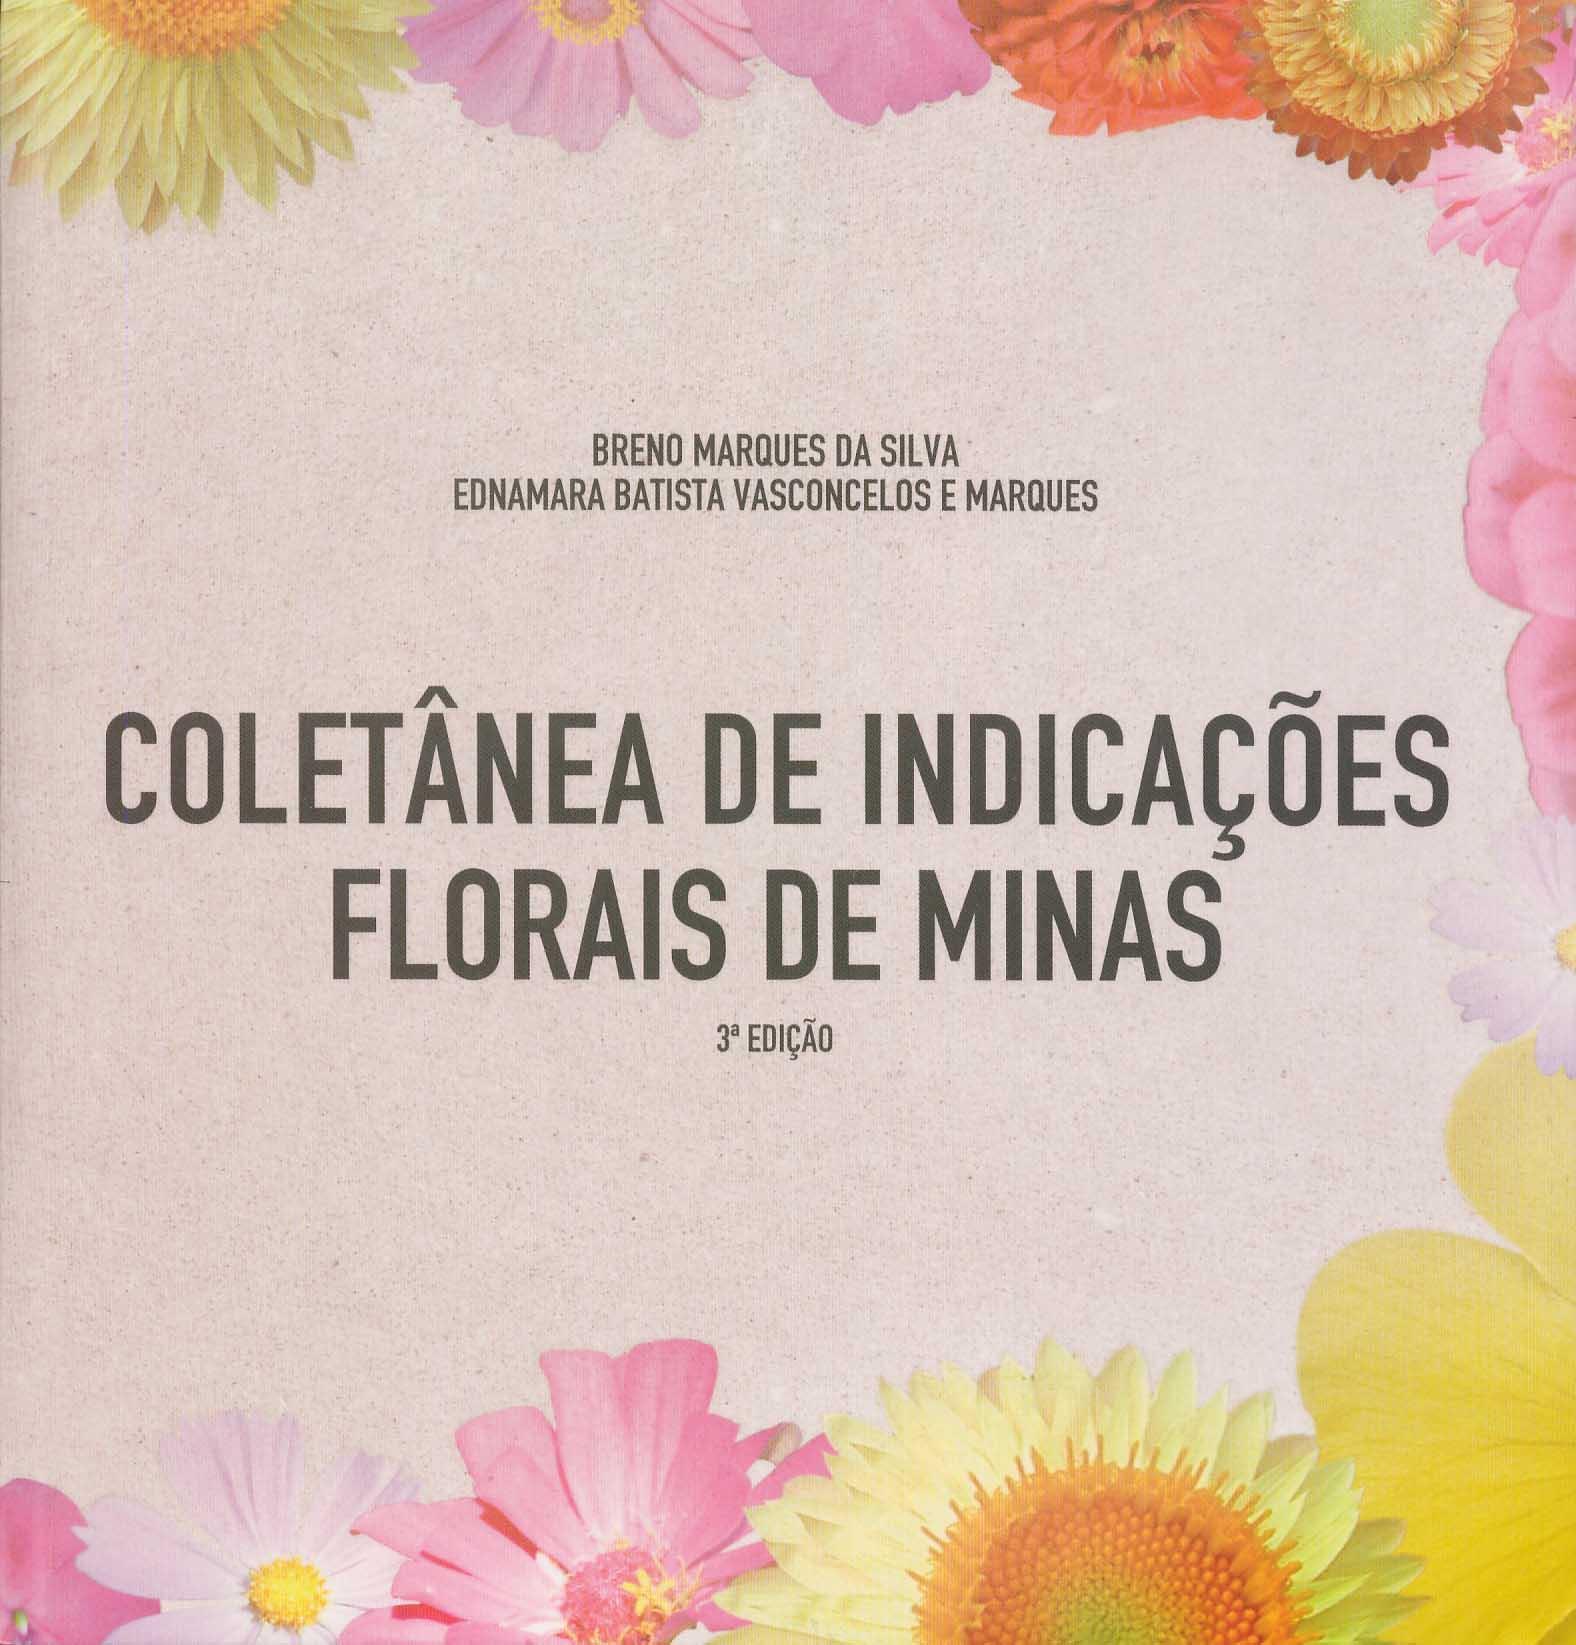 Livro Florais de Minas Coletânea de Indicações - Repertório  - Floressência